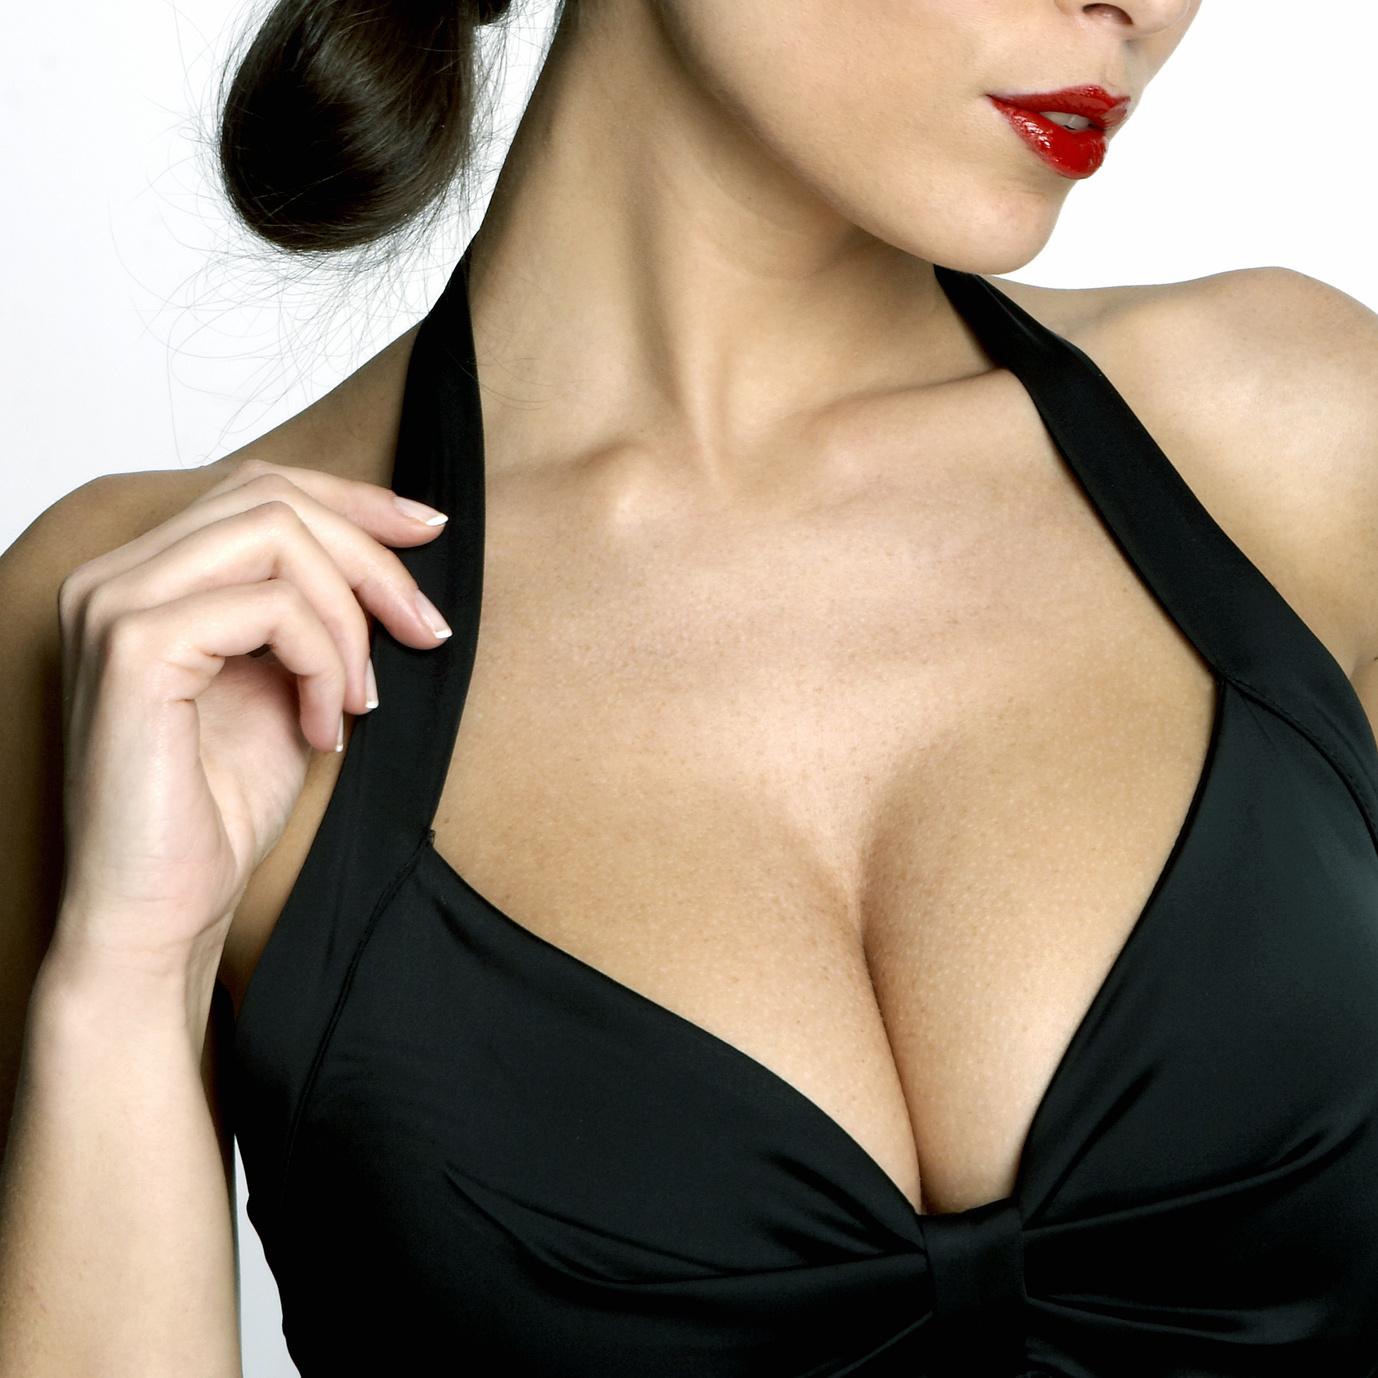 Фото какие бывают обвисшие груди 10 фотография